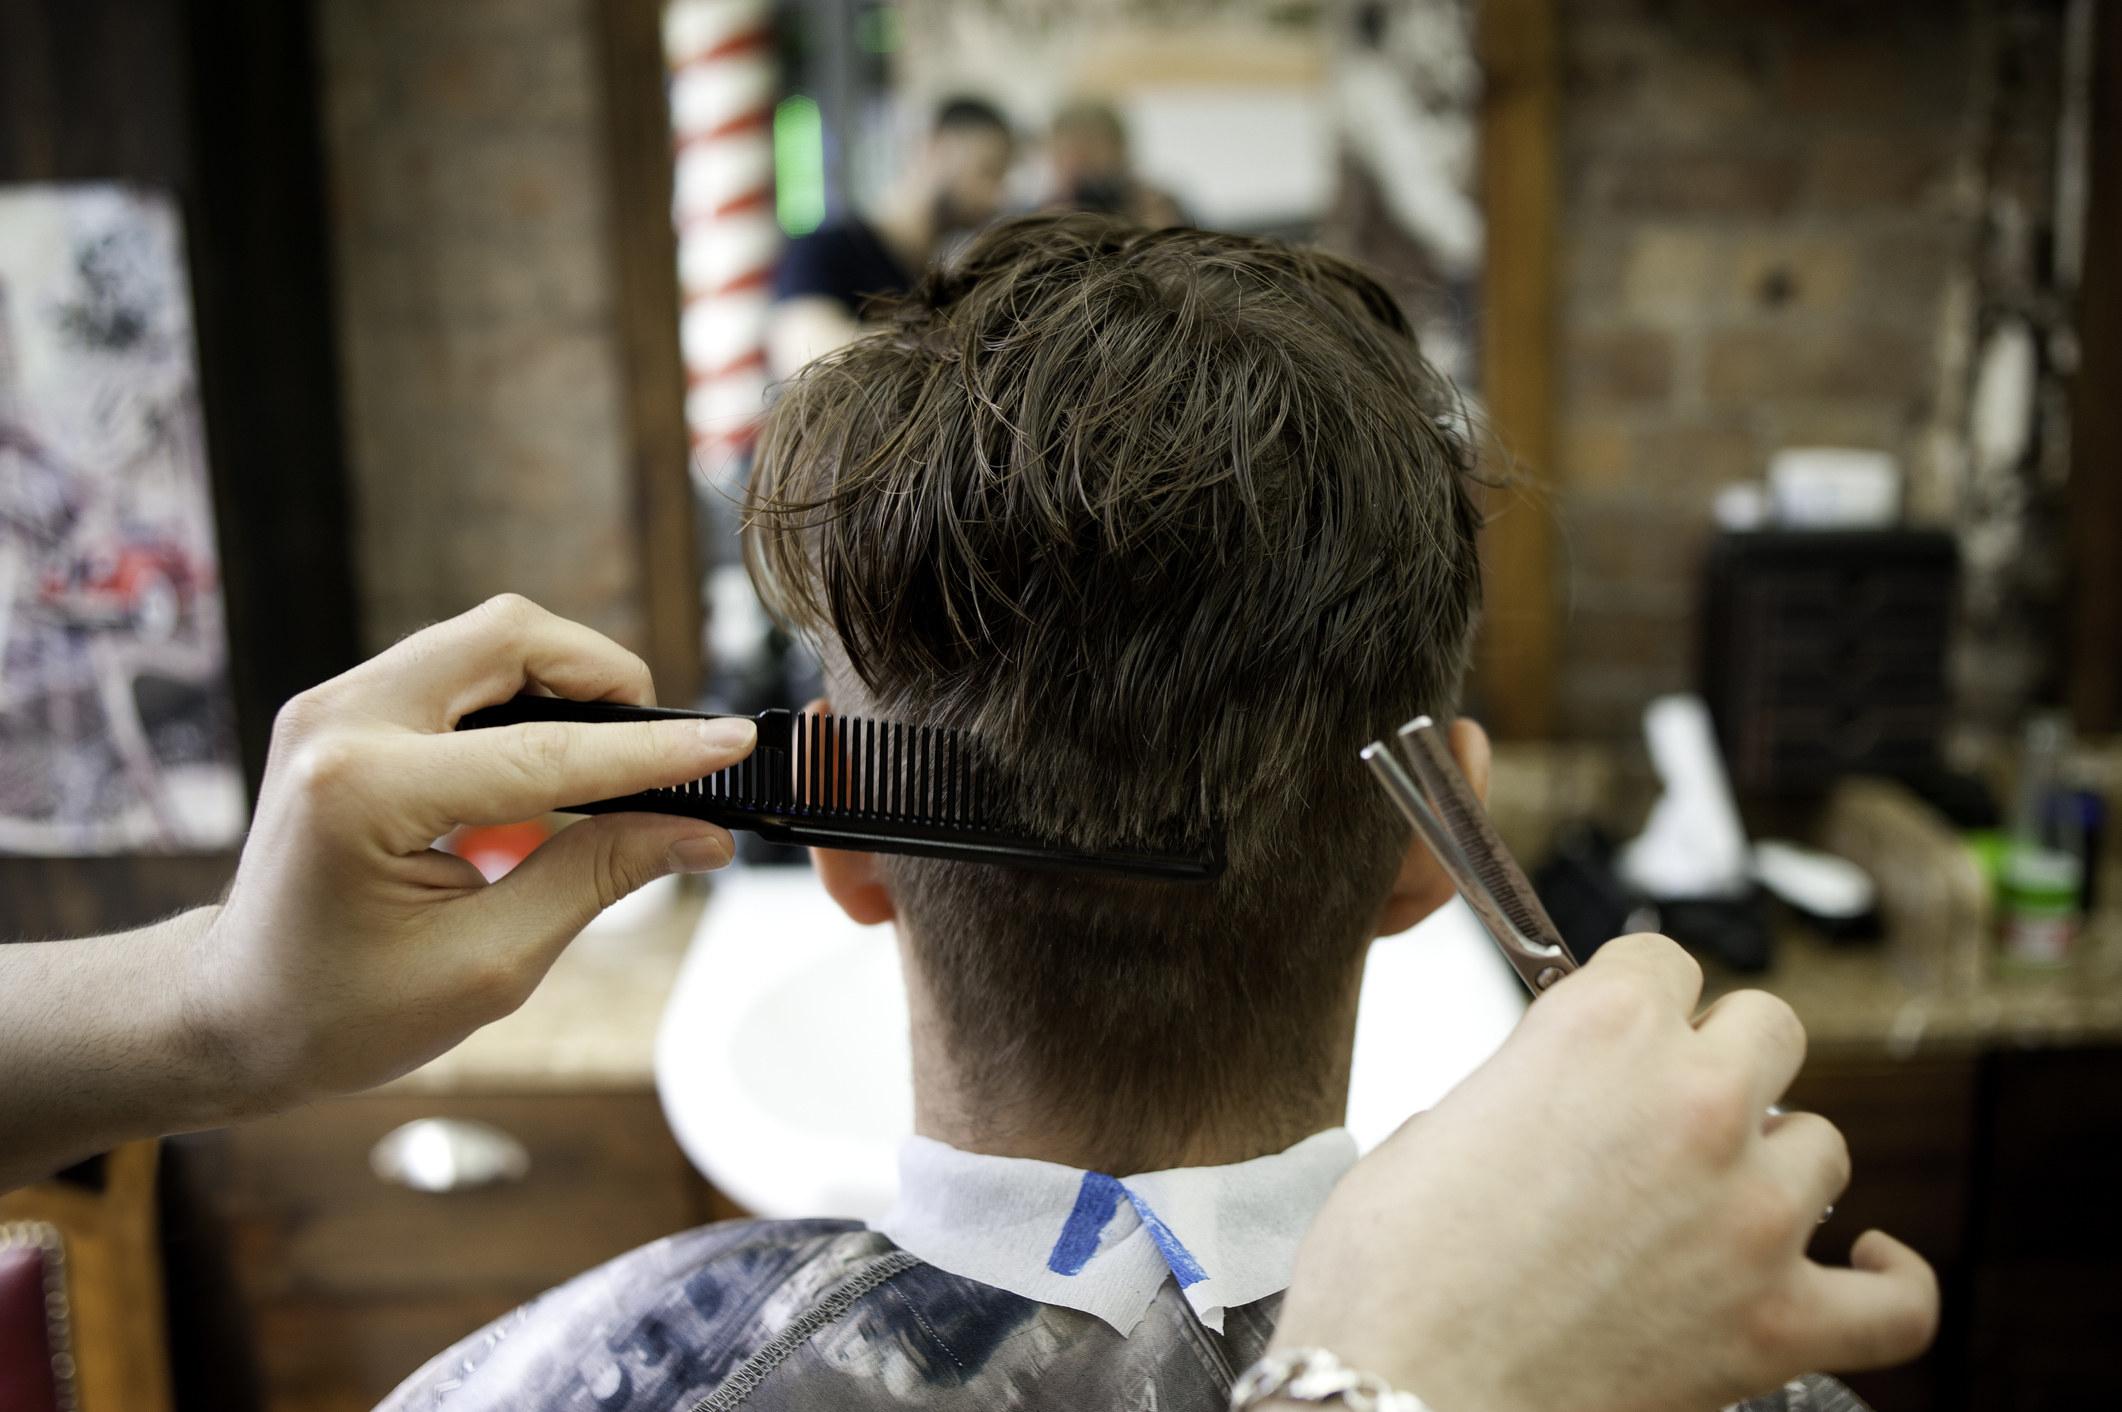 Getting a hair cut at a barbershop